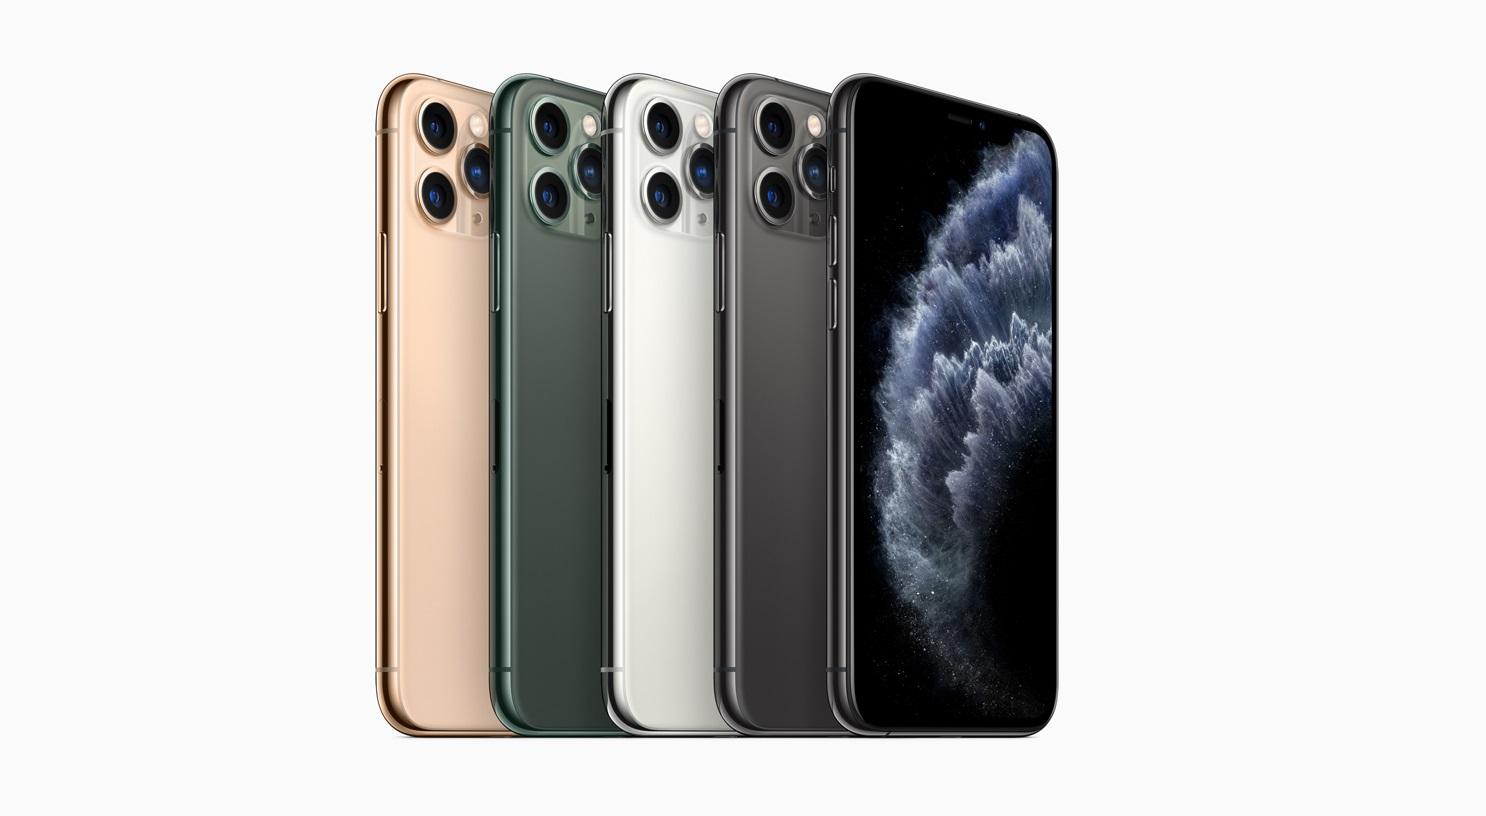 Apple 11 Pro